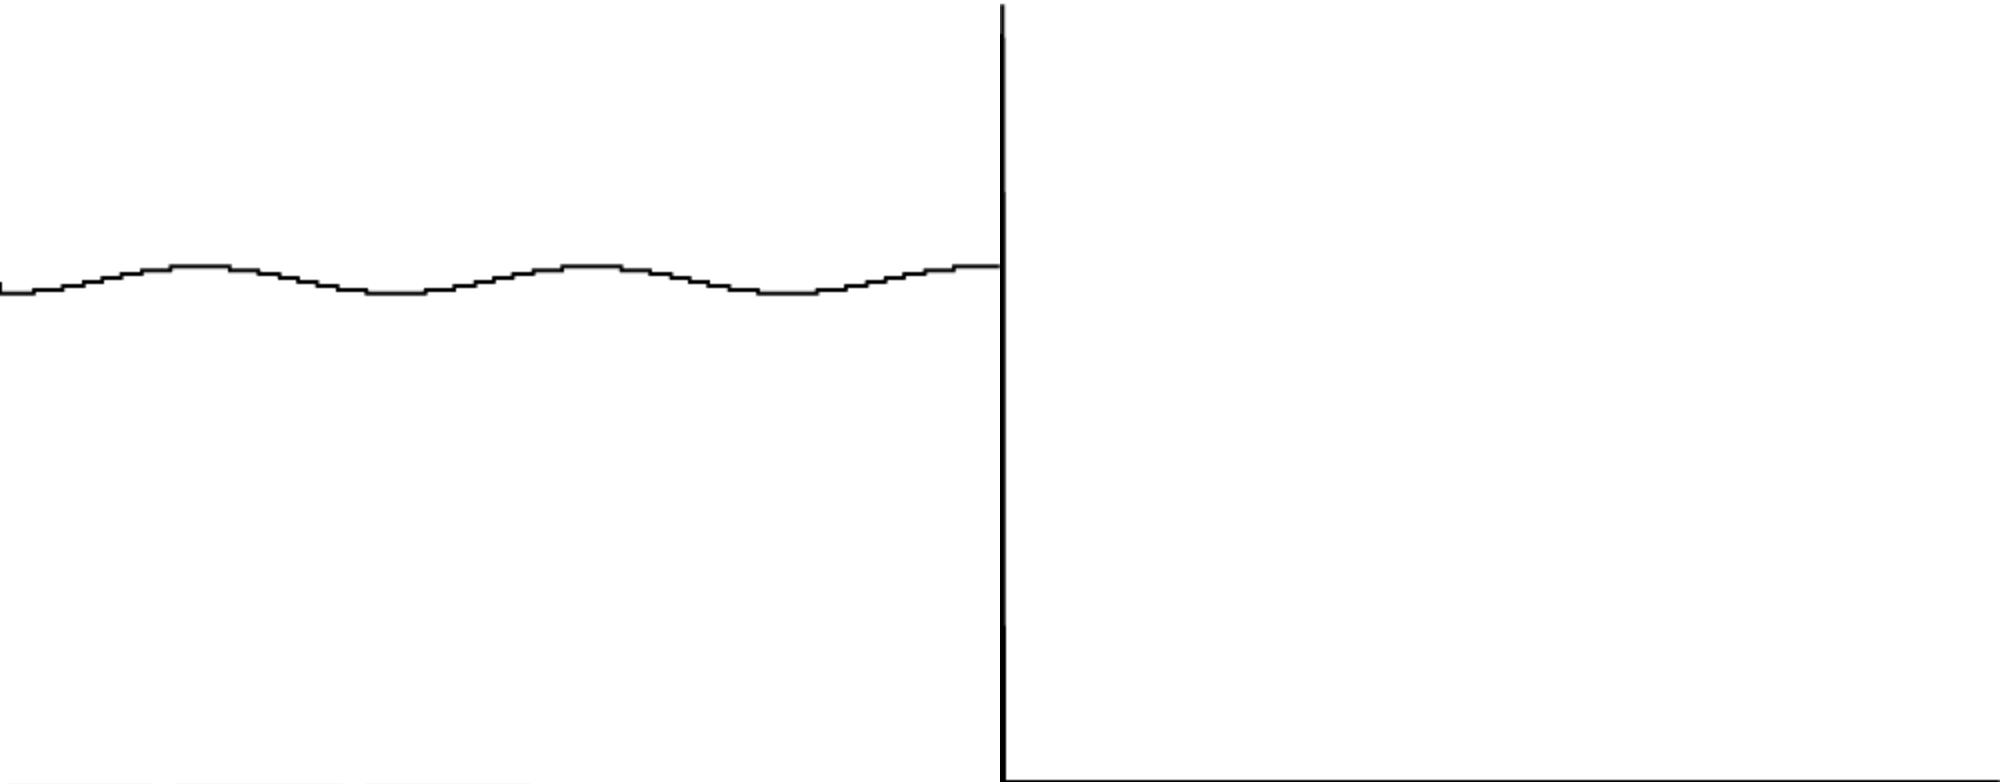 Sine at 55Hz through a high-pass filter at 120Hz